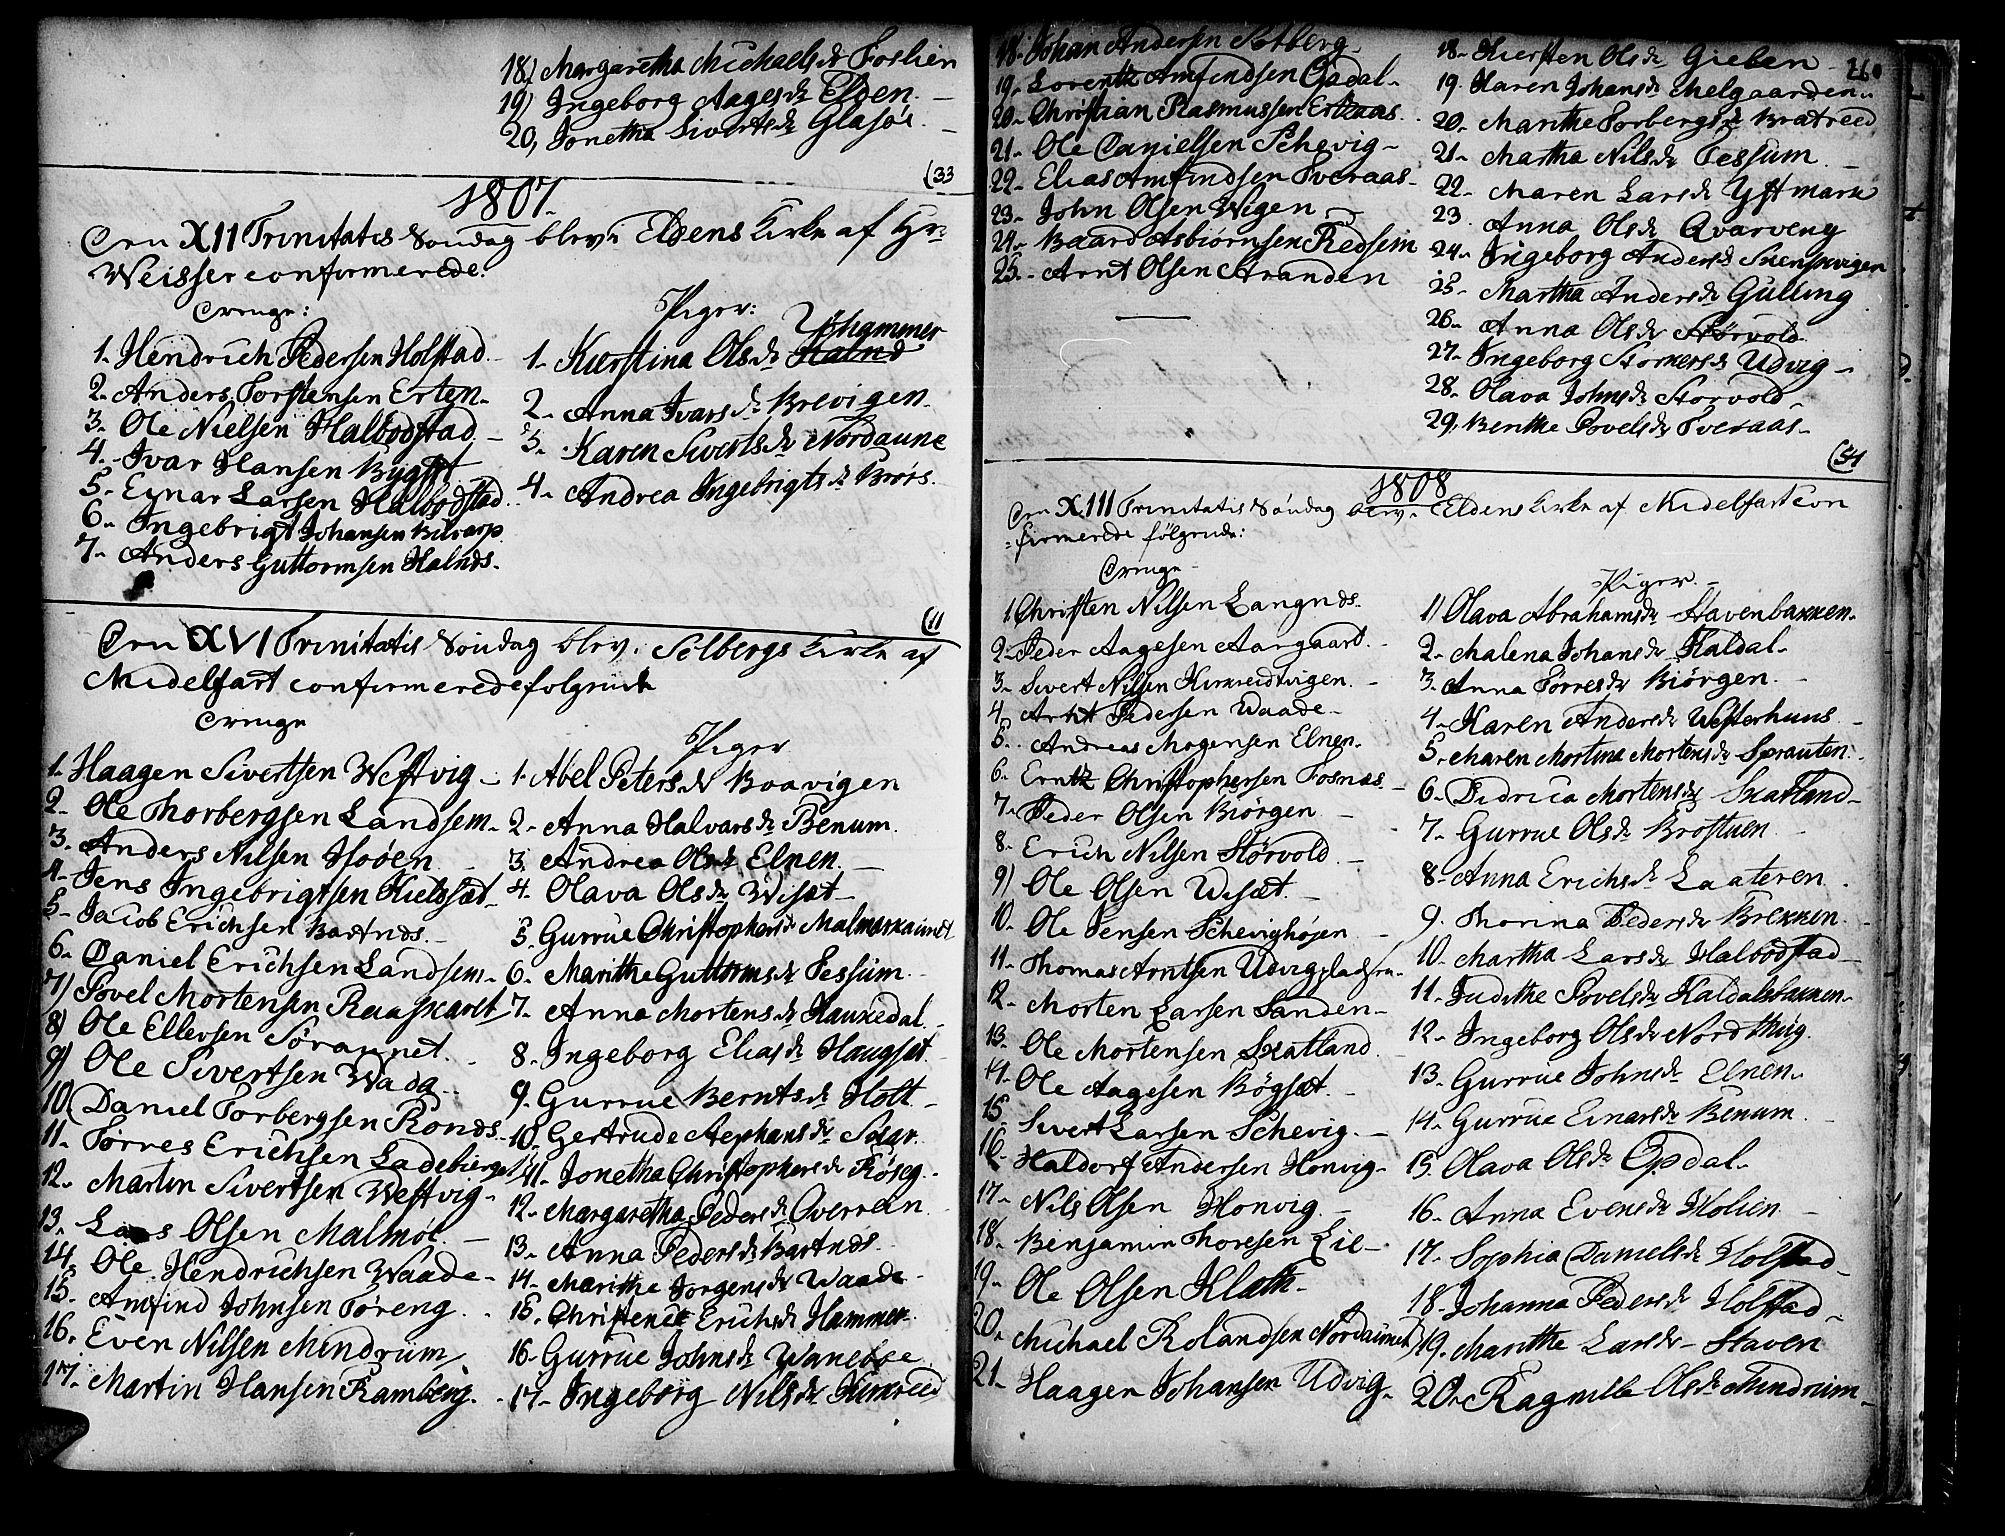 SAT, Ministerialprotokoller, klokkerbøker og fødselsregistre - Nord-Trøndelag, 741/L0385: Ministerialbok nr. 741A01, 1722-1815, s. 260